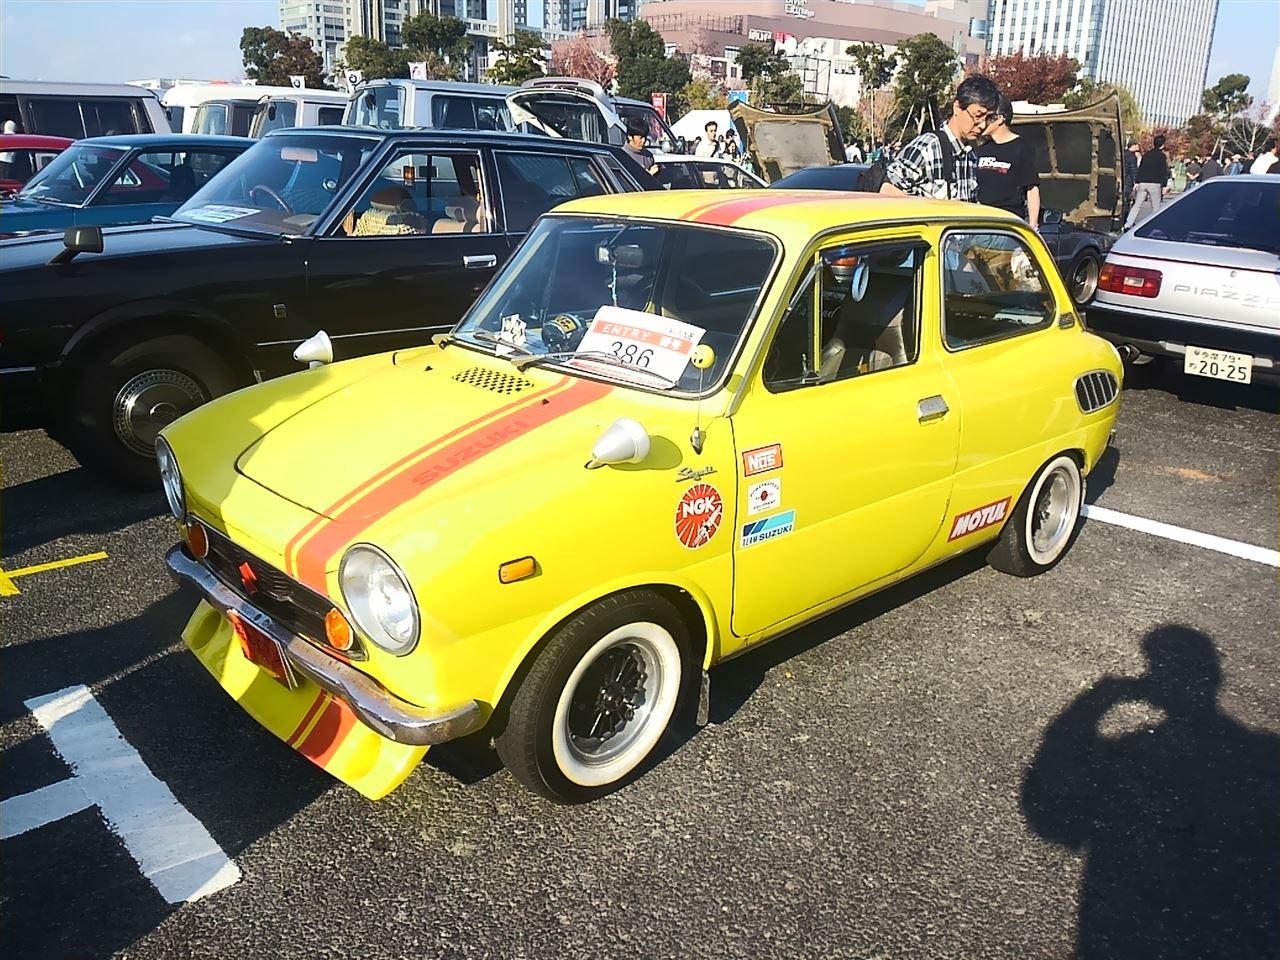 Suzuki Fronte 360, małe sportowe samochody, klasyczne japońskie auta, niewielkie samochody